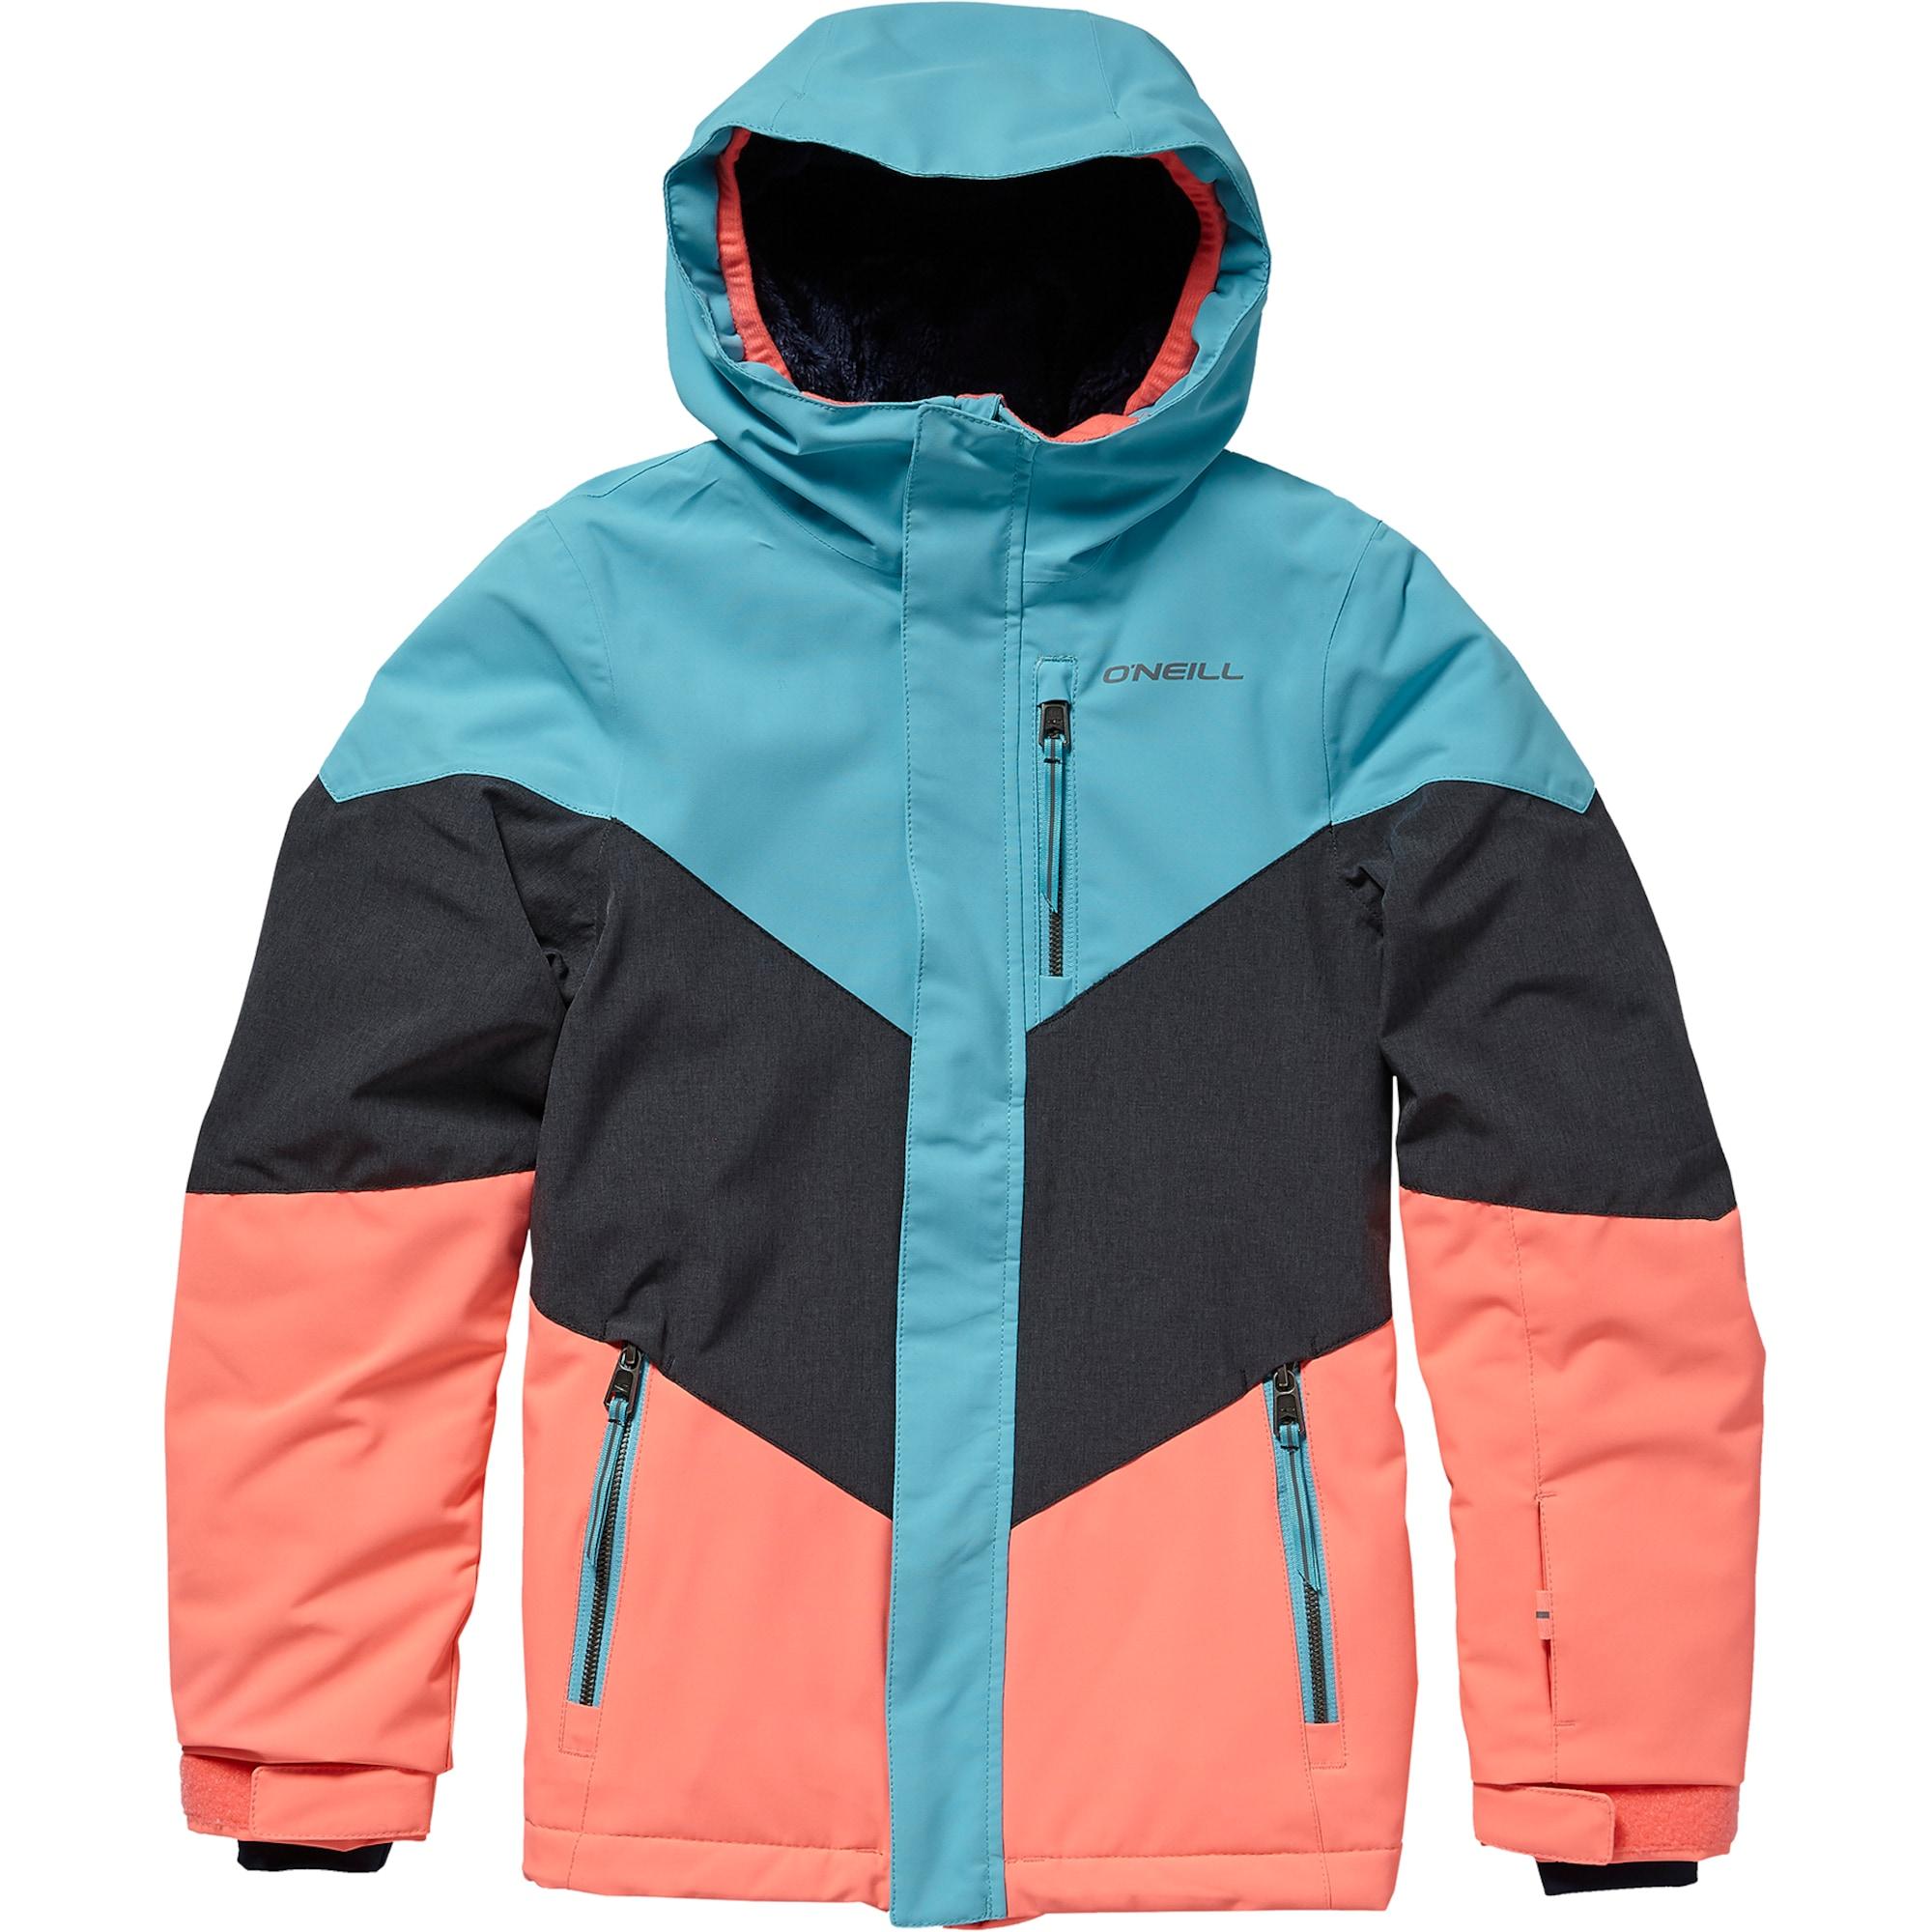 ONEILL Zimní bunda PG CORAL JACKET světlemodrá antracitová broskvová O'NEILL